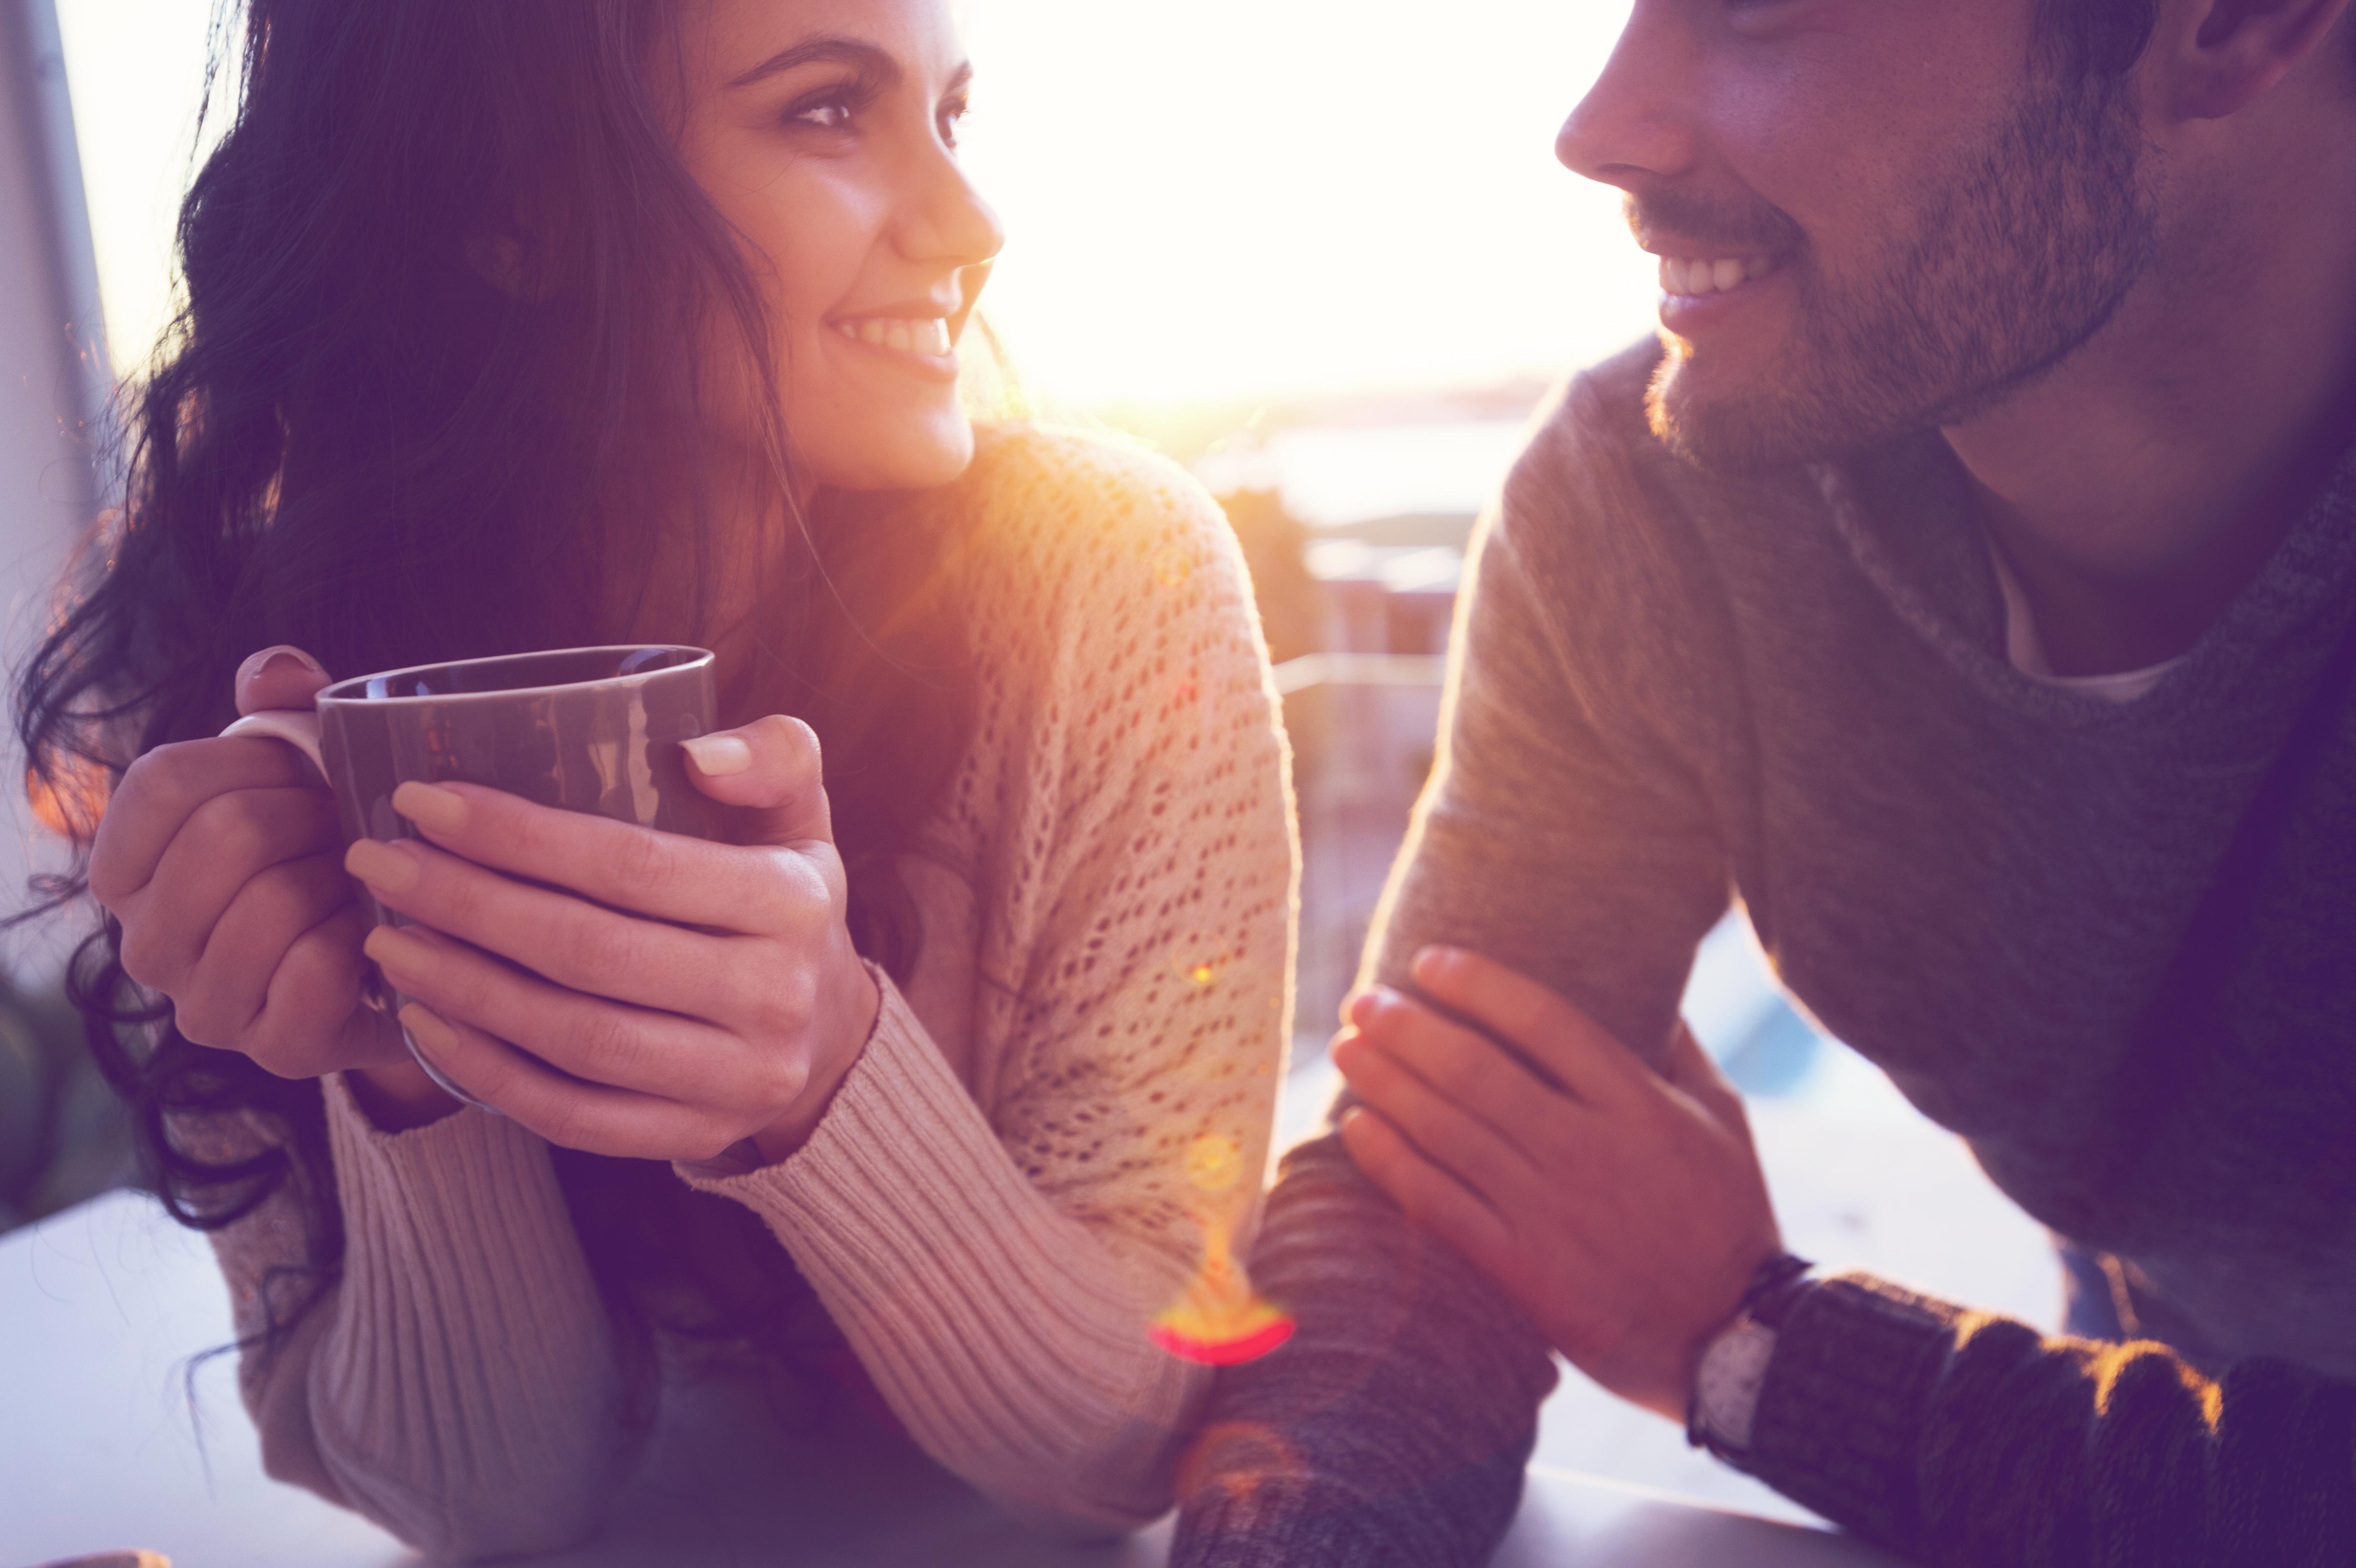 Frauen kennenlernen, Tipps und Frauen ansprechen